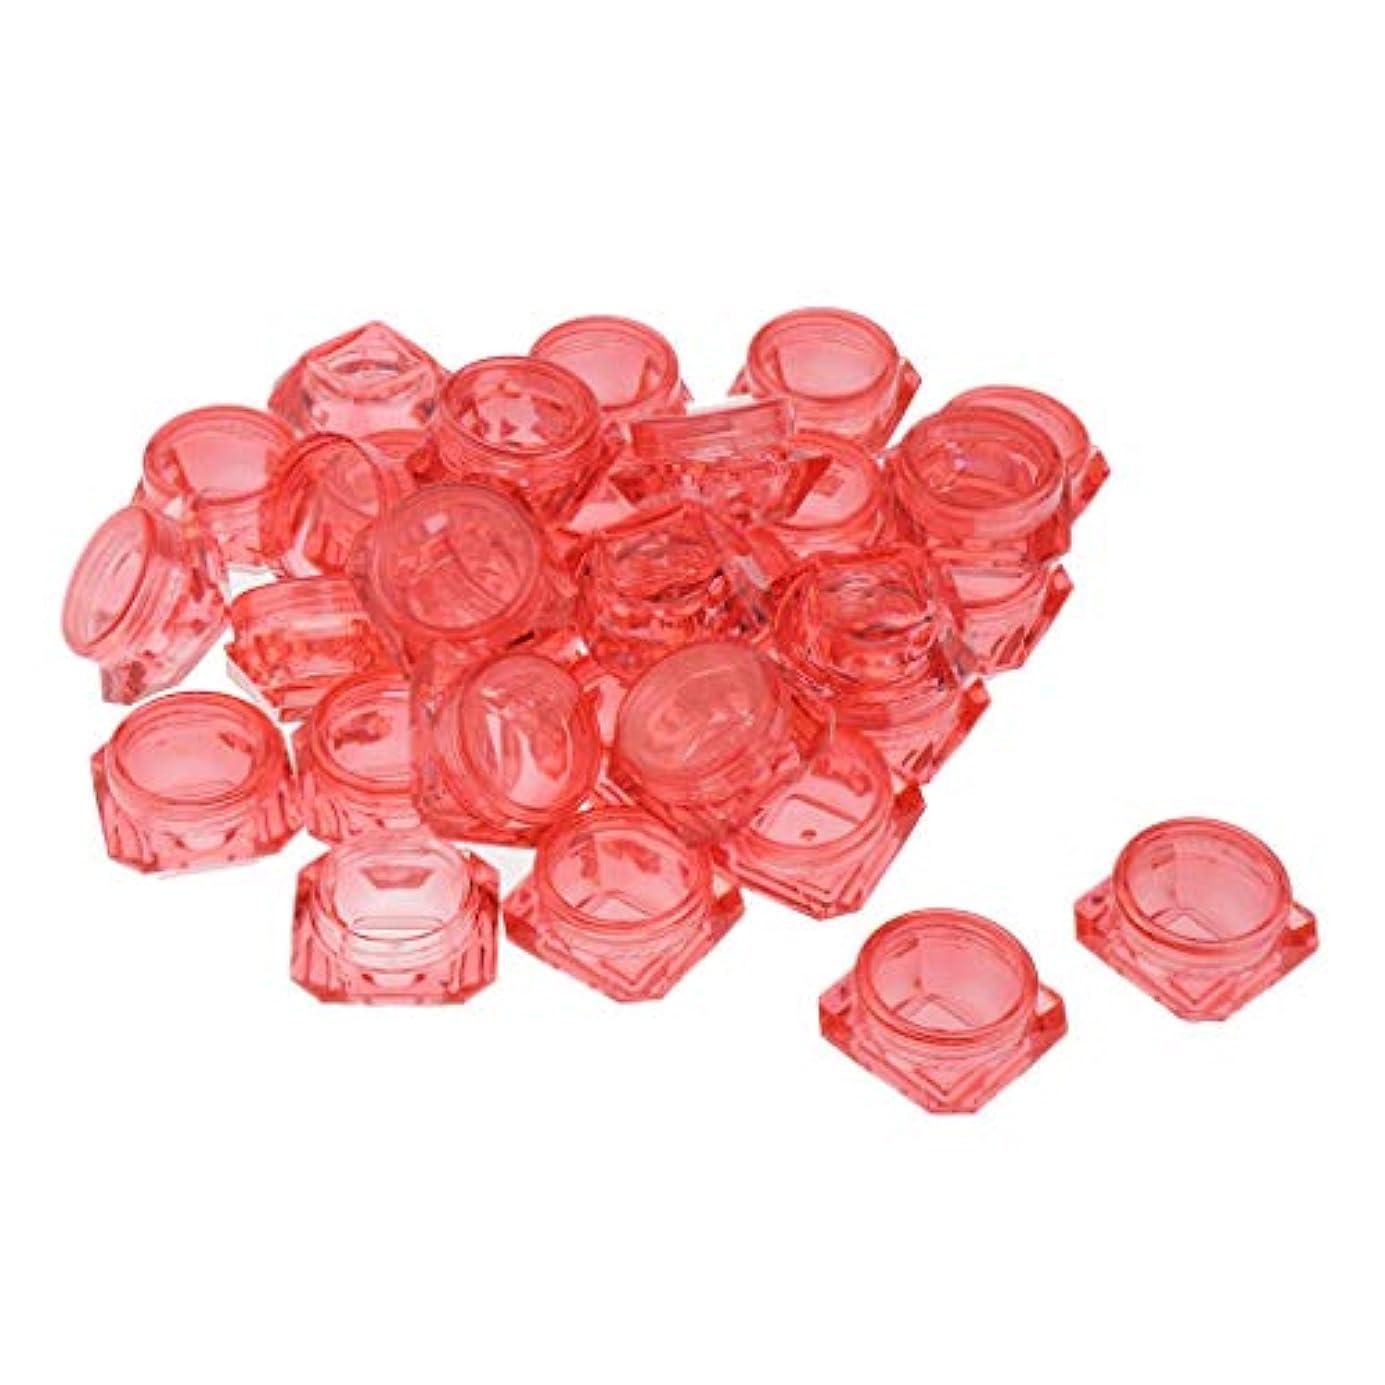 集中的な皮肉な排泄物CUTICATE 丸ボトル 小分け容器 小分けボトル 詰め替えボトル 3g クリームケース 化粧品 携帯収納用 30個入 - 赤